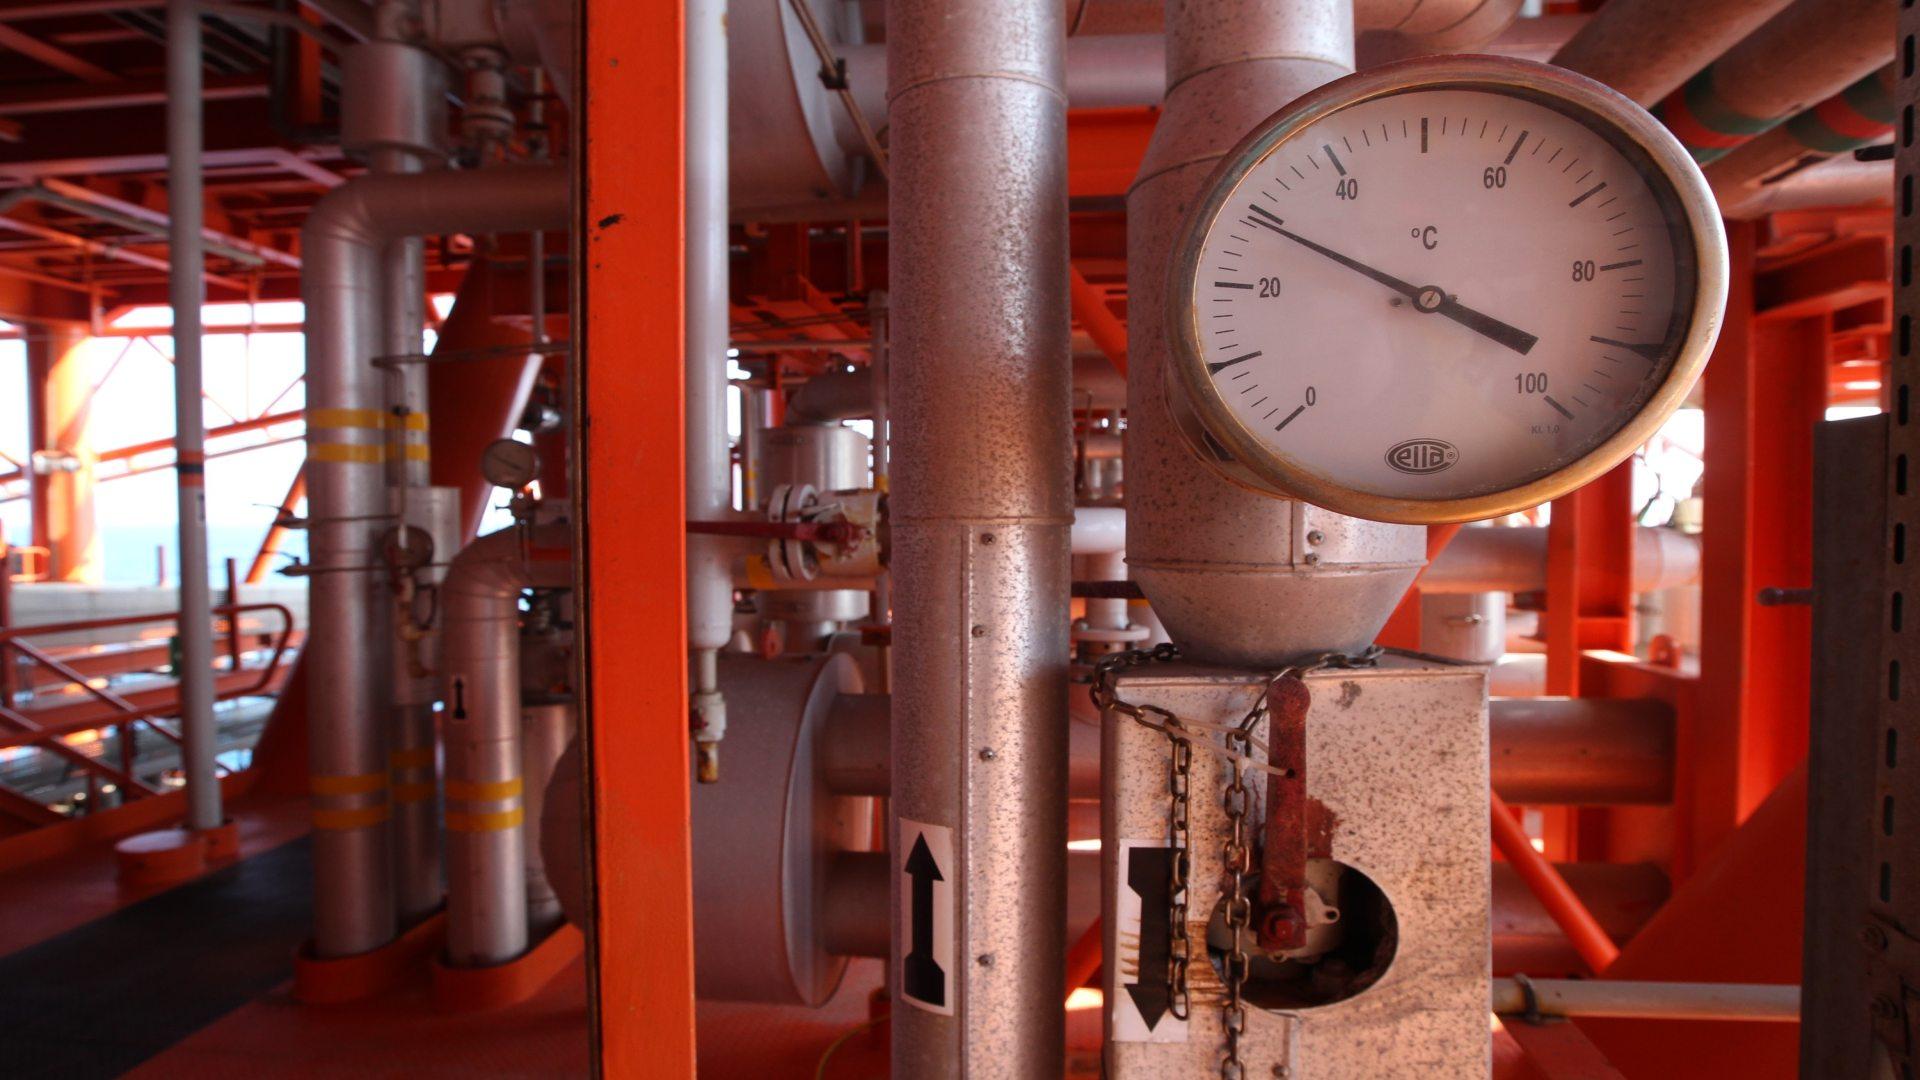 POSKUPLJENJE ENERGENATA: Cijene plina mogle bi porasti za čak 23 posto